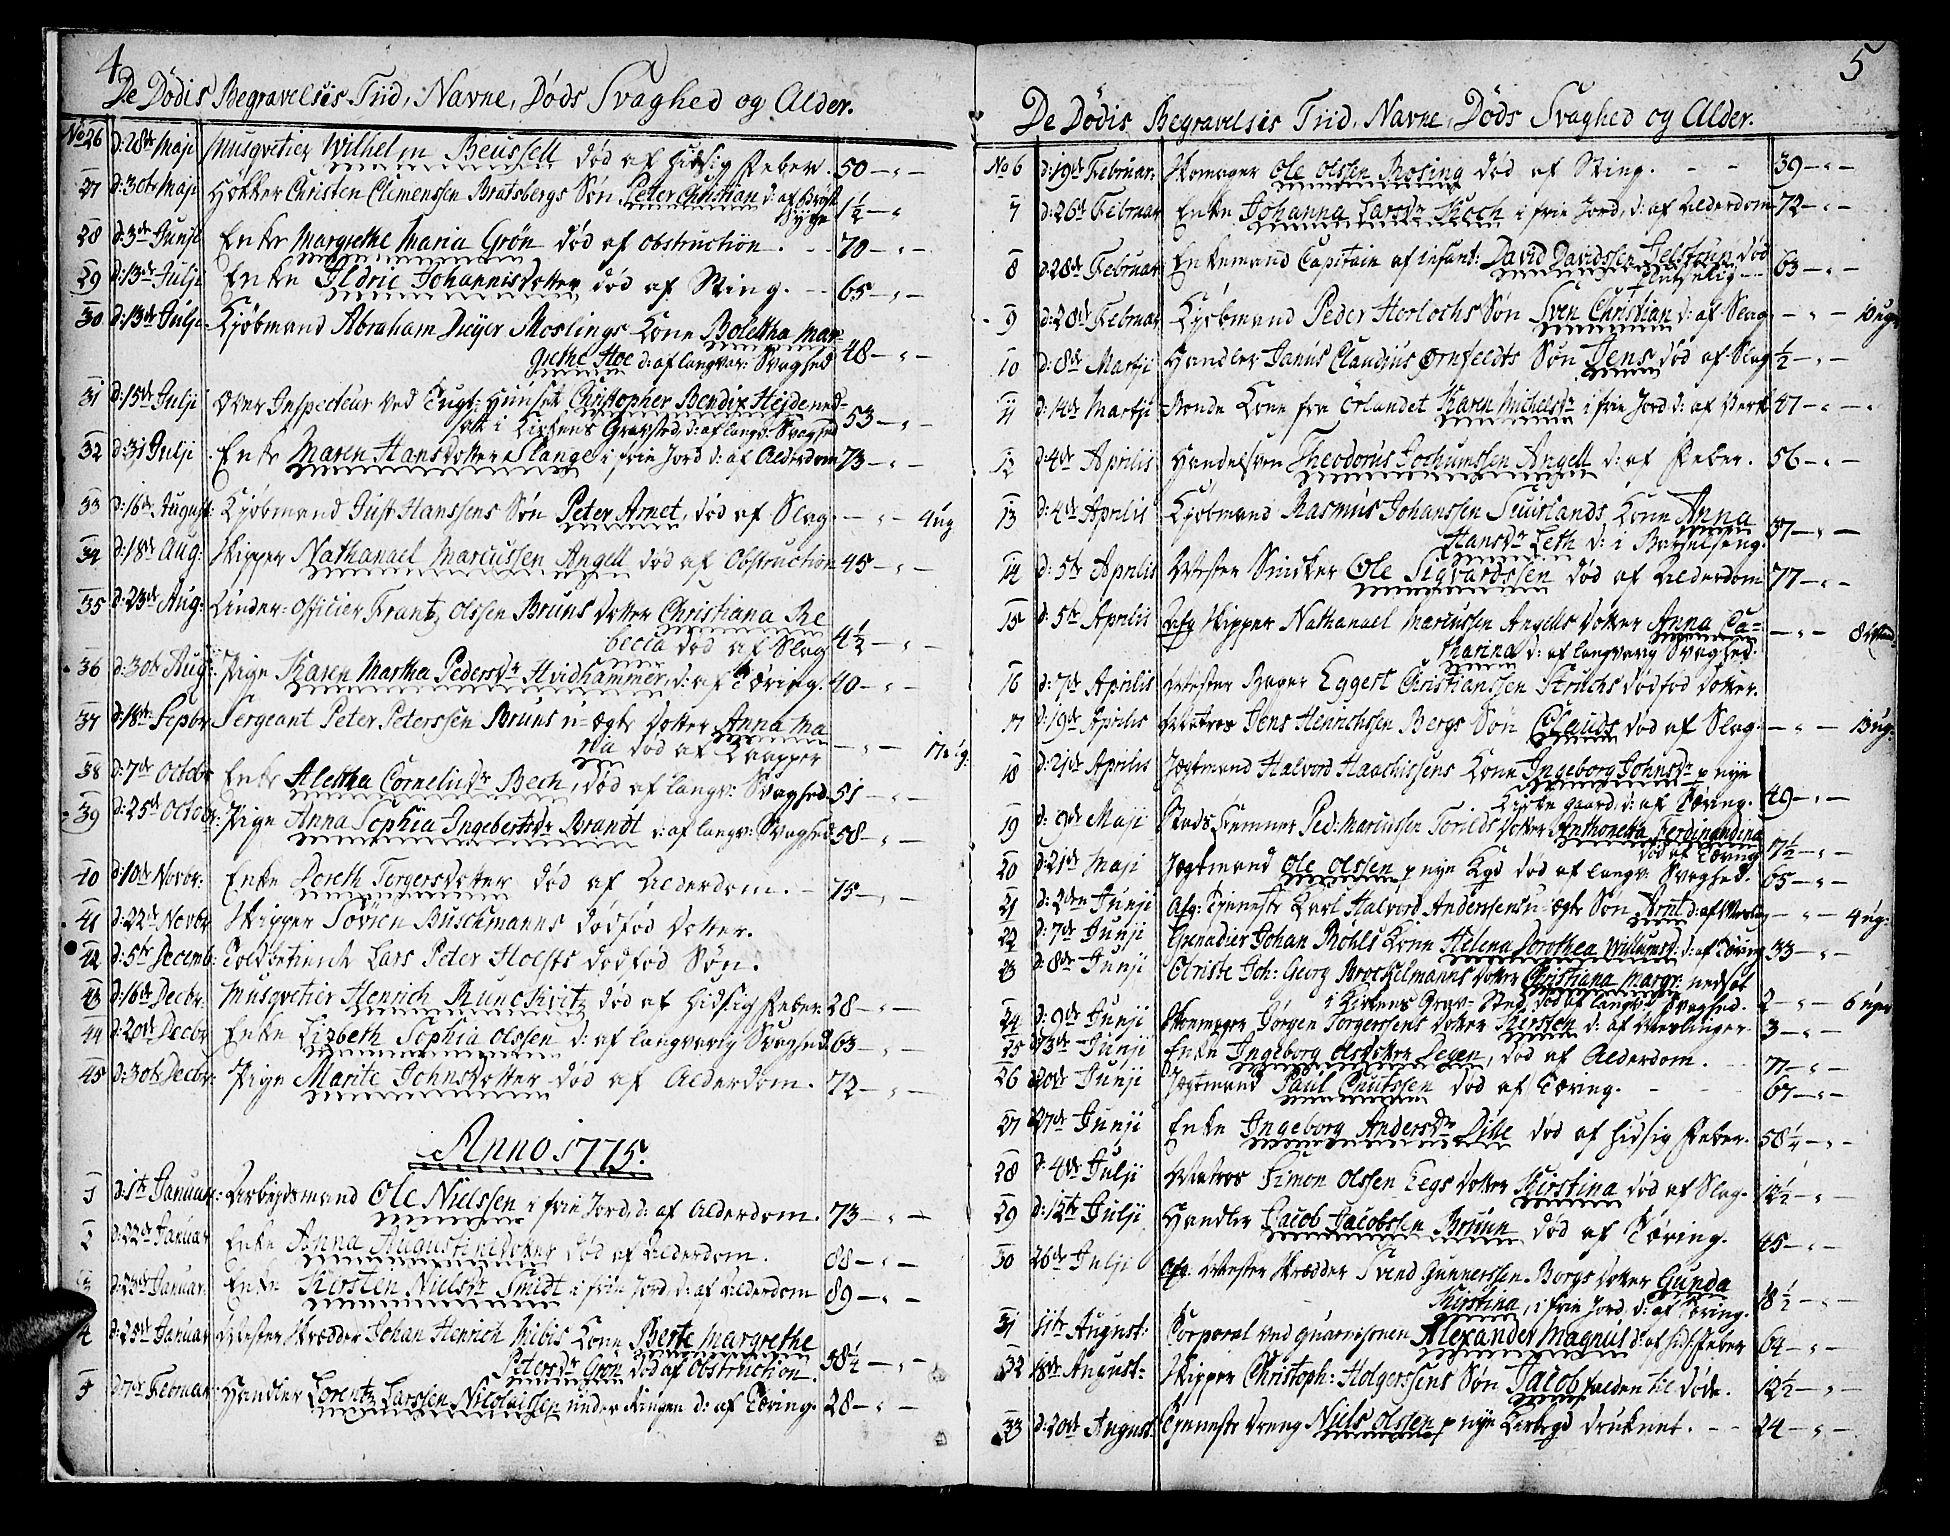 SAT, Ministerialprotokoller, klokkerbøker og fødselsregistre - Sør-Trøndelag, 602/L0106: Ministerialbok nr. 602A04, 1774-1814, s. 4-5